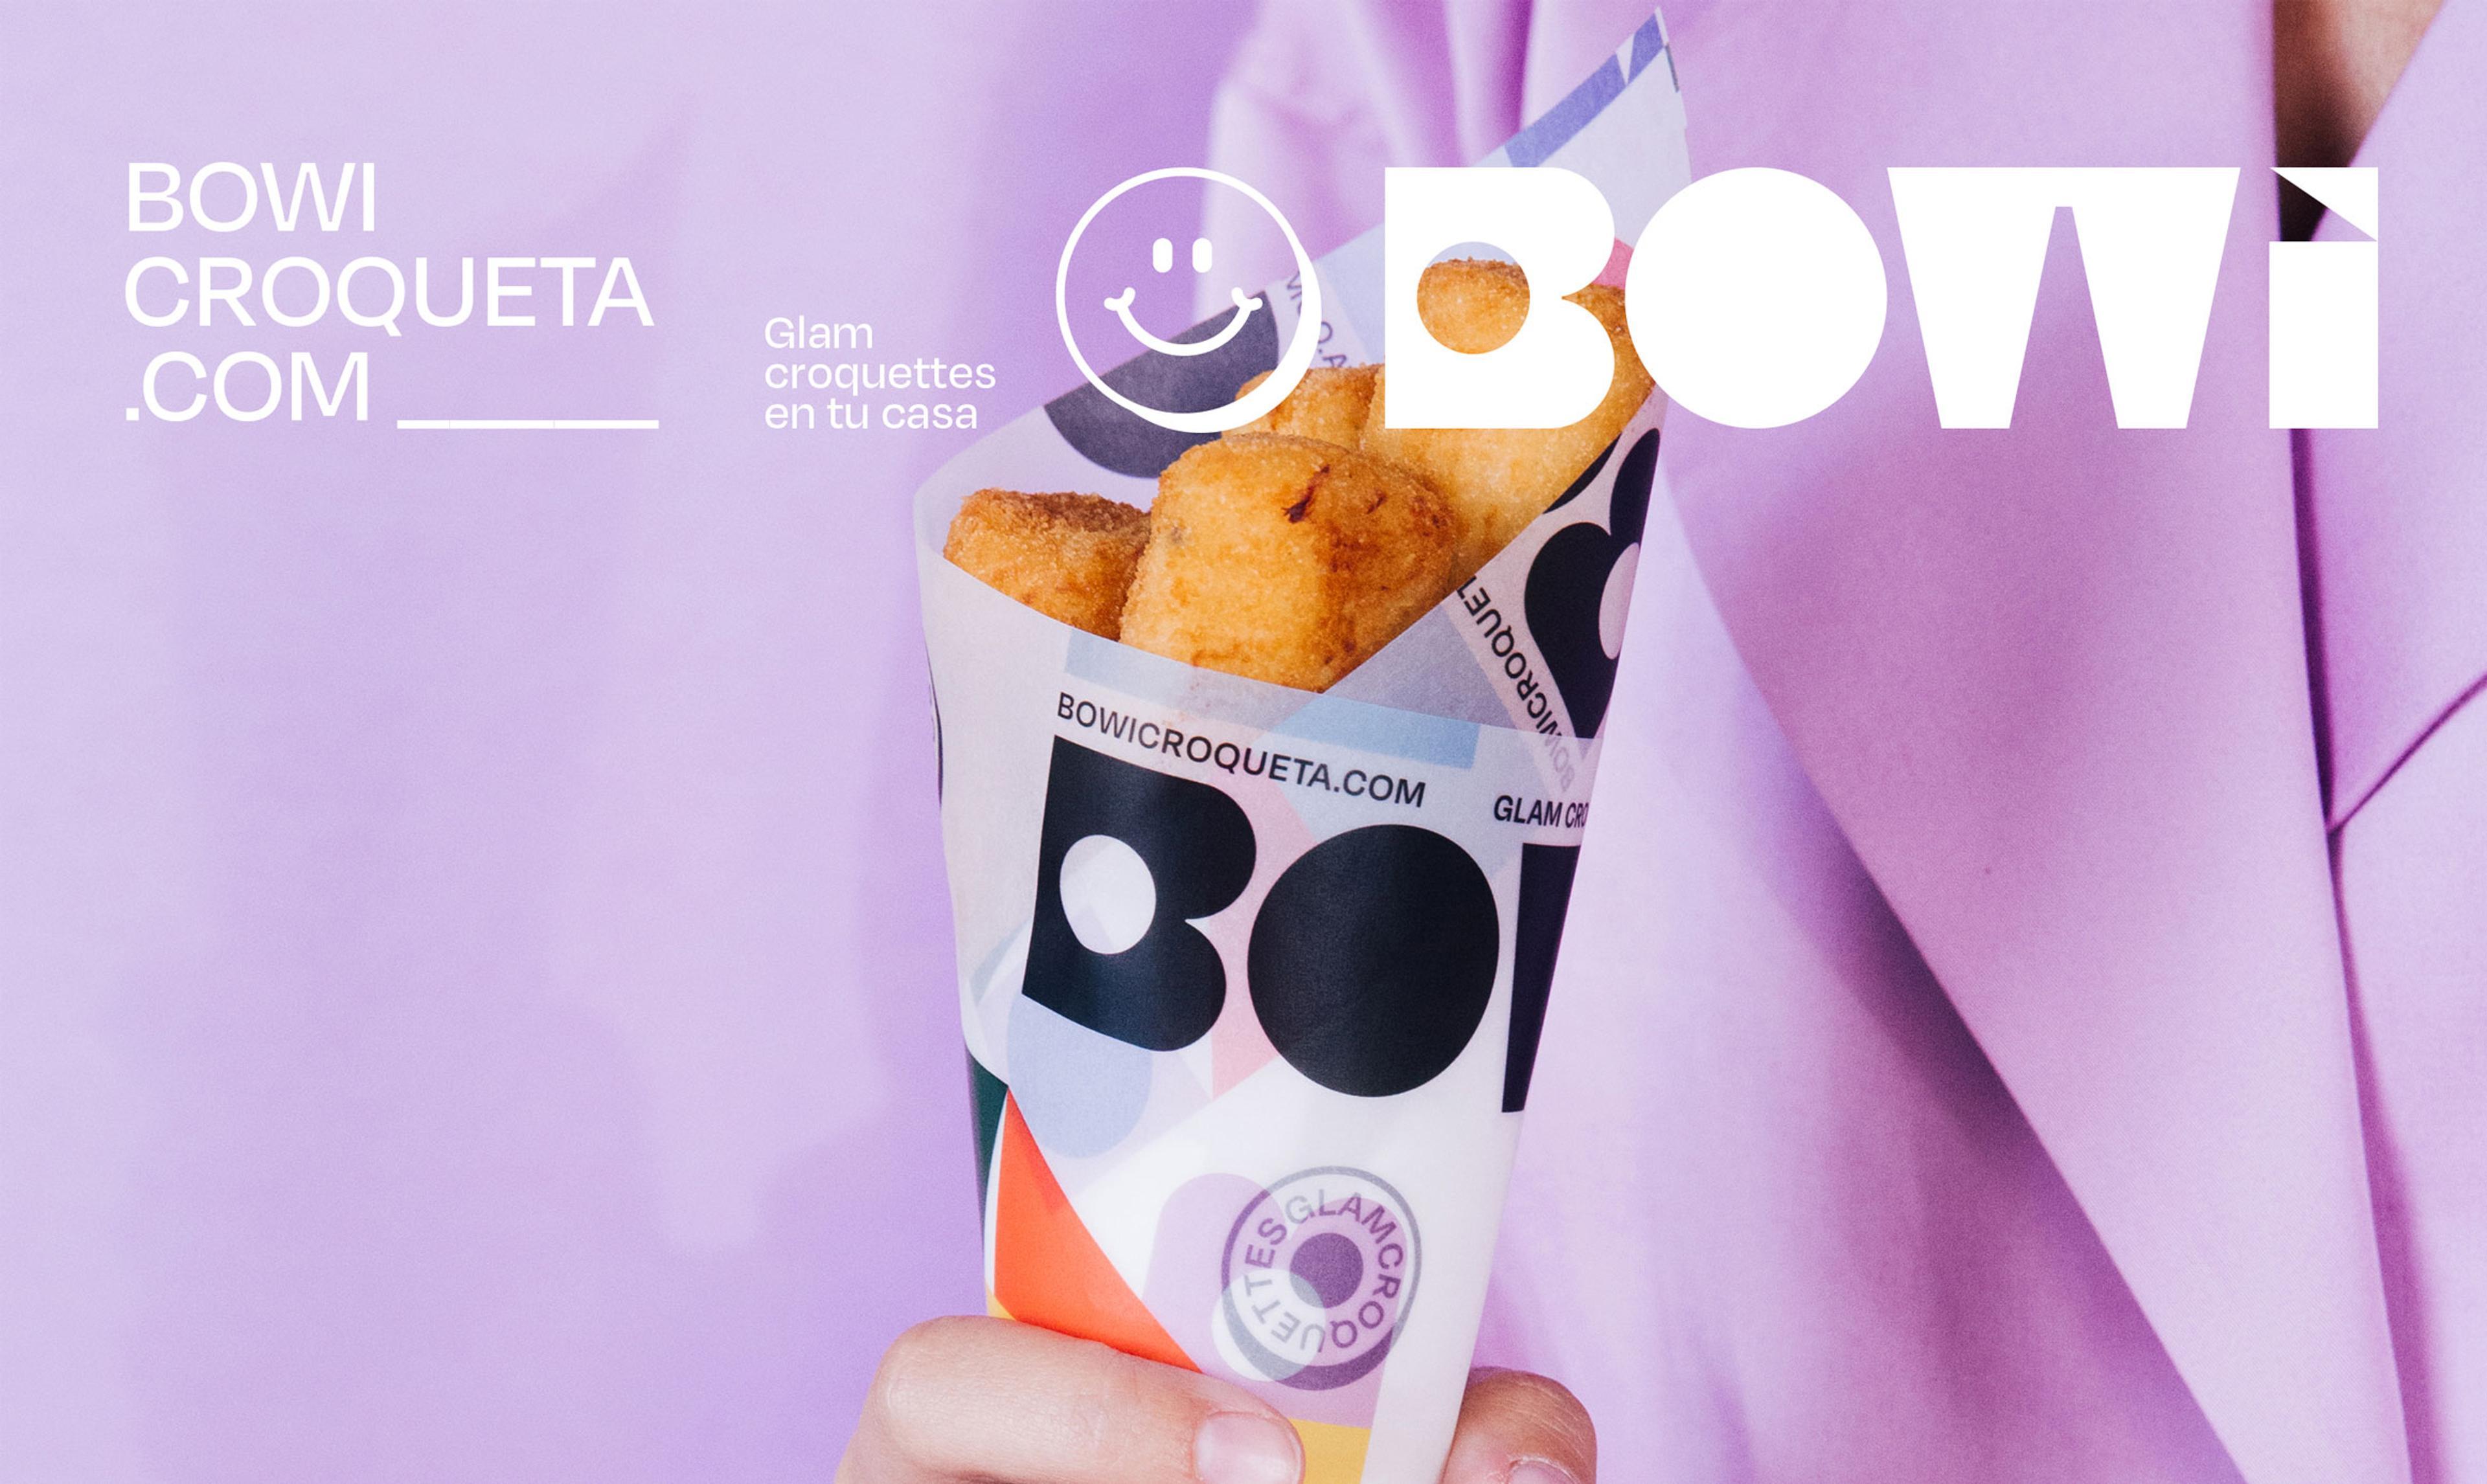 Bowi Croqueta by Blavet Studio